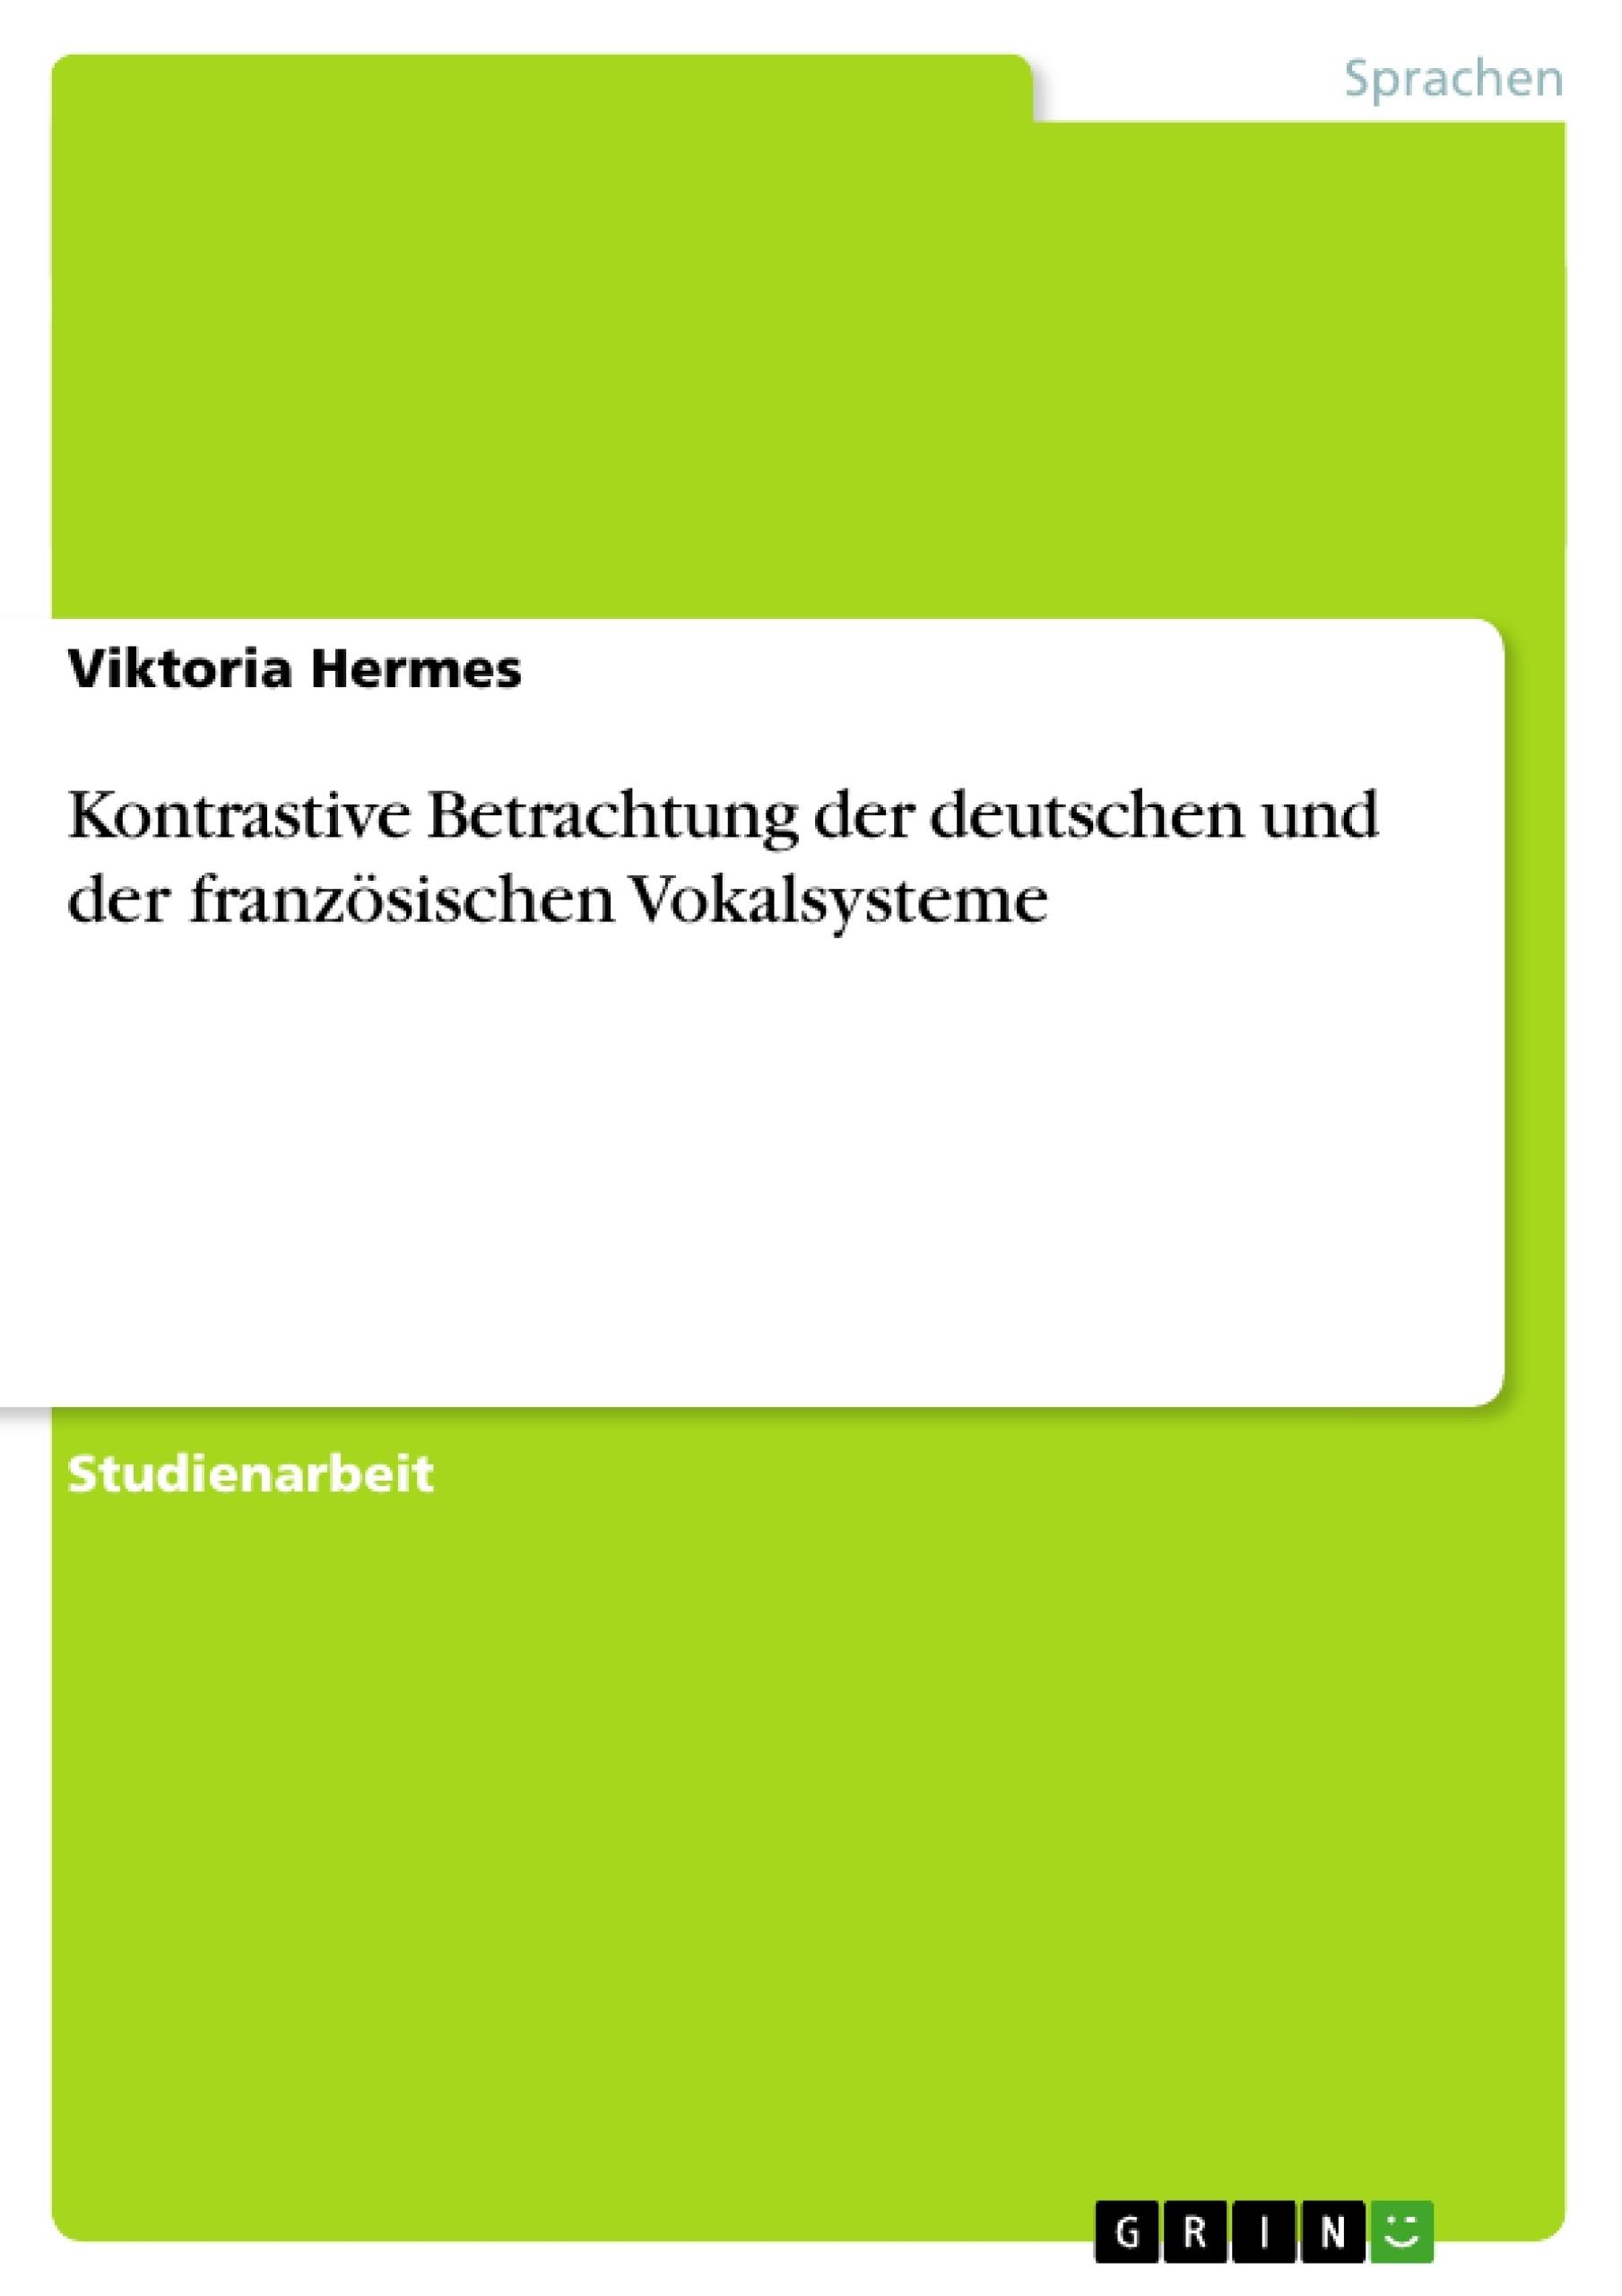 Titel: Kontrastive Betrachtung der deutschen und der französischen Vokalsysteme